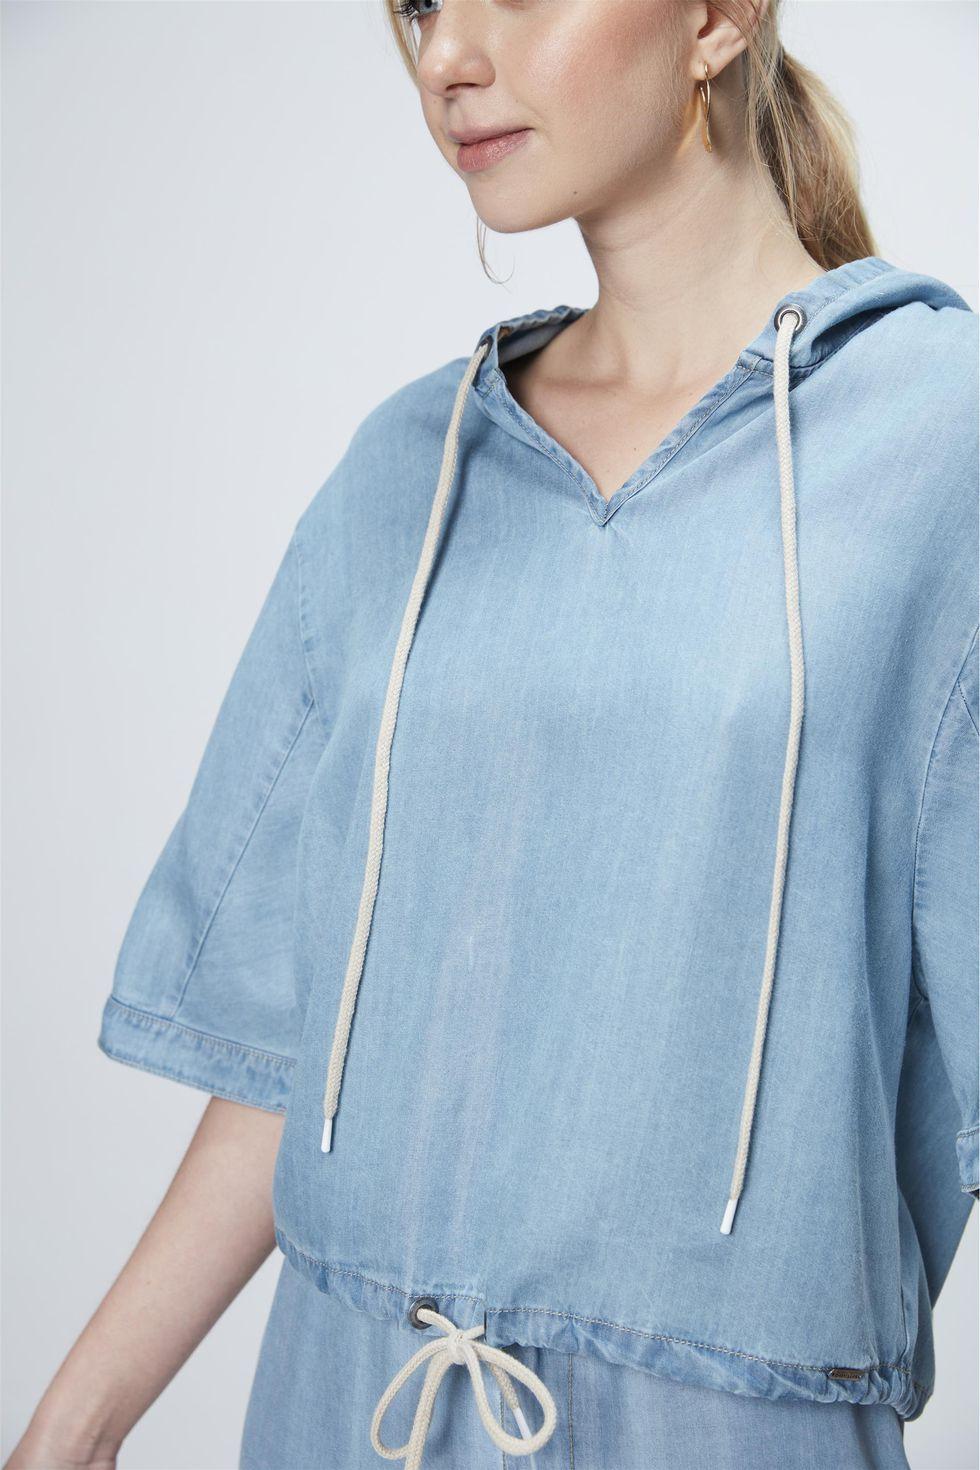 Blusa-Jeans-com-Capuz-Feminina-Frente--